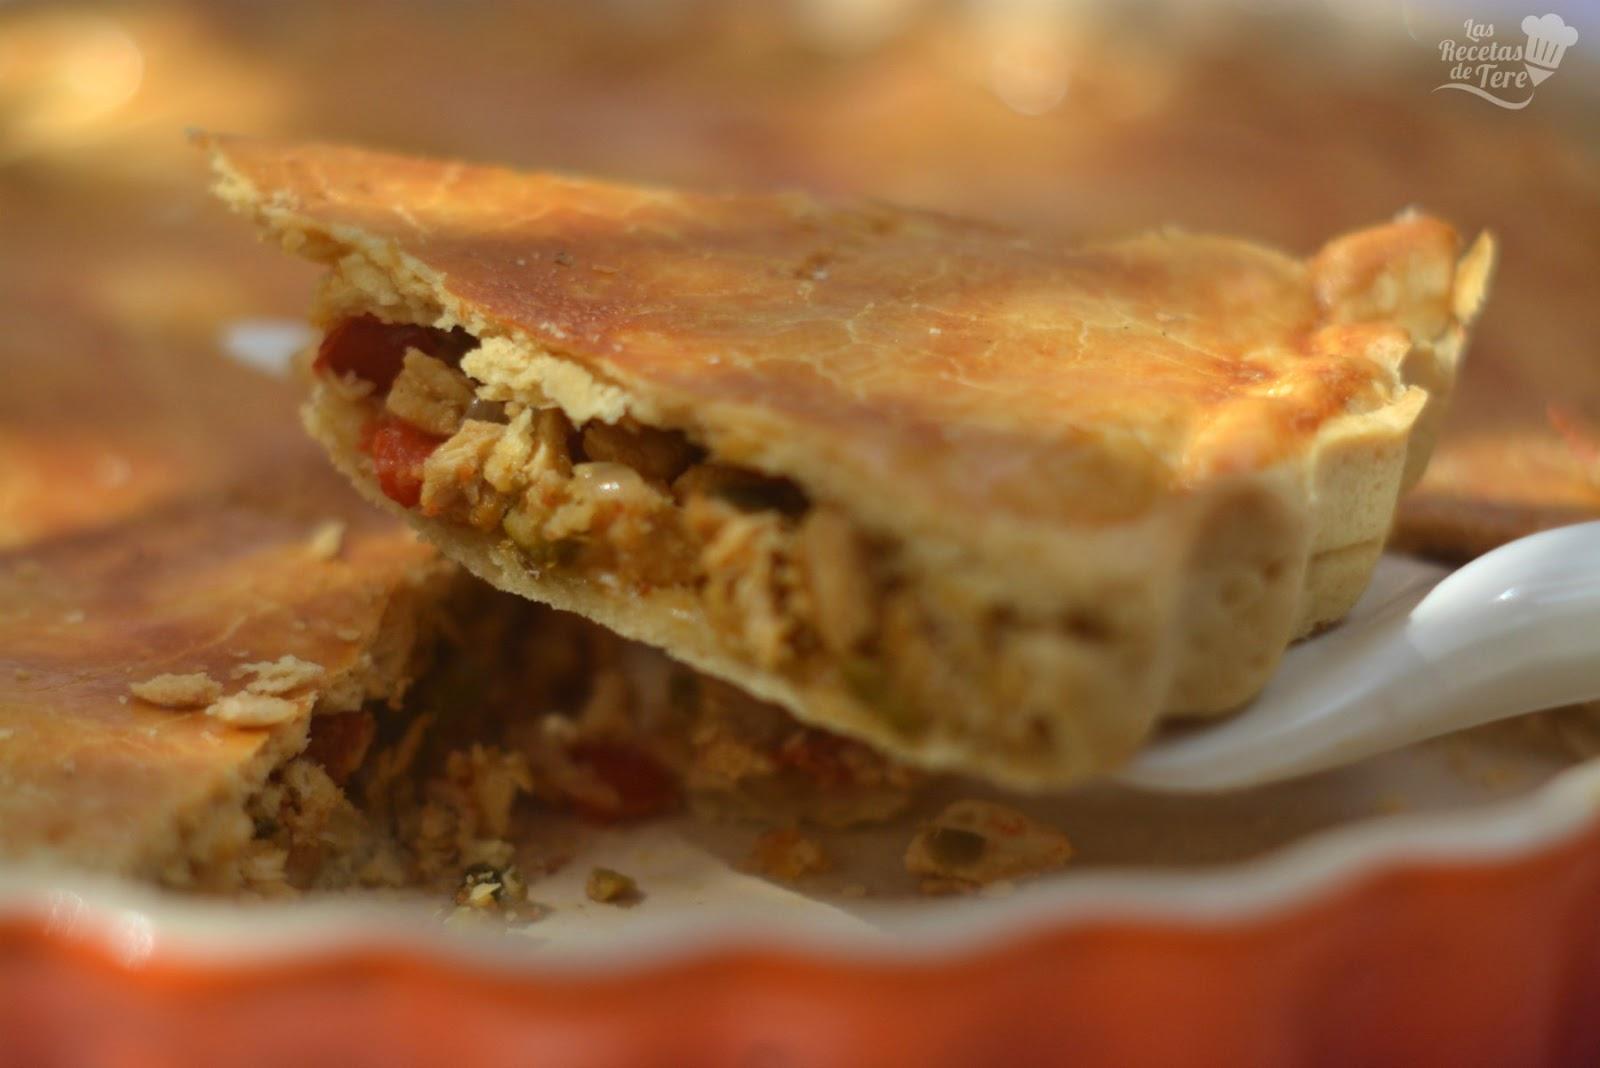 Empanada Casera De Pollo Cocina Facil Recetas Faciles Comida Casera